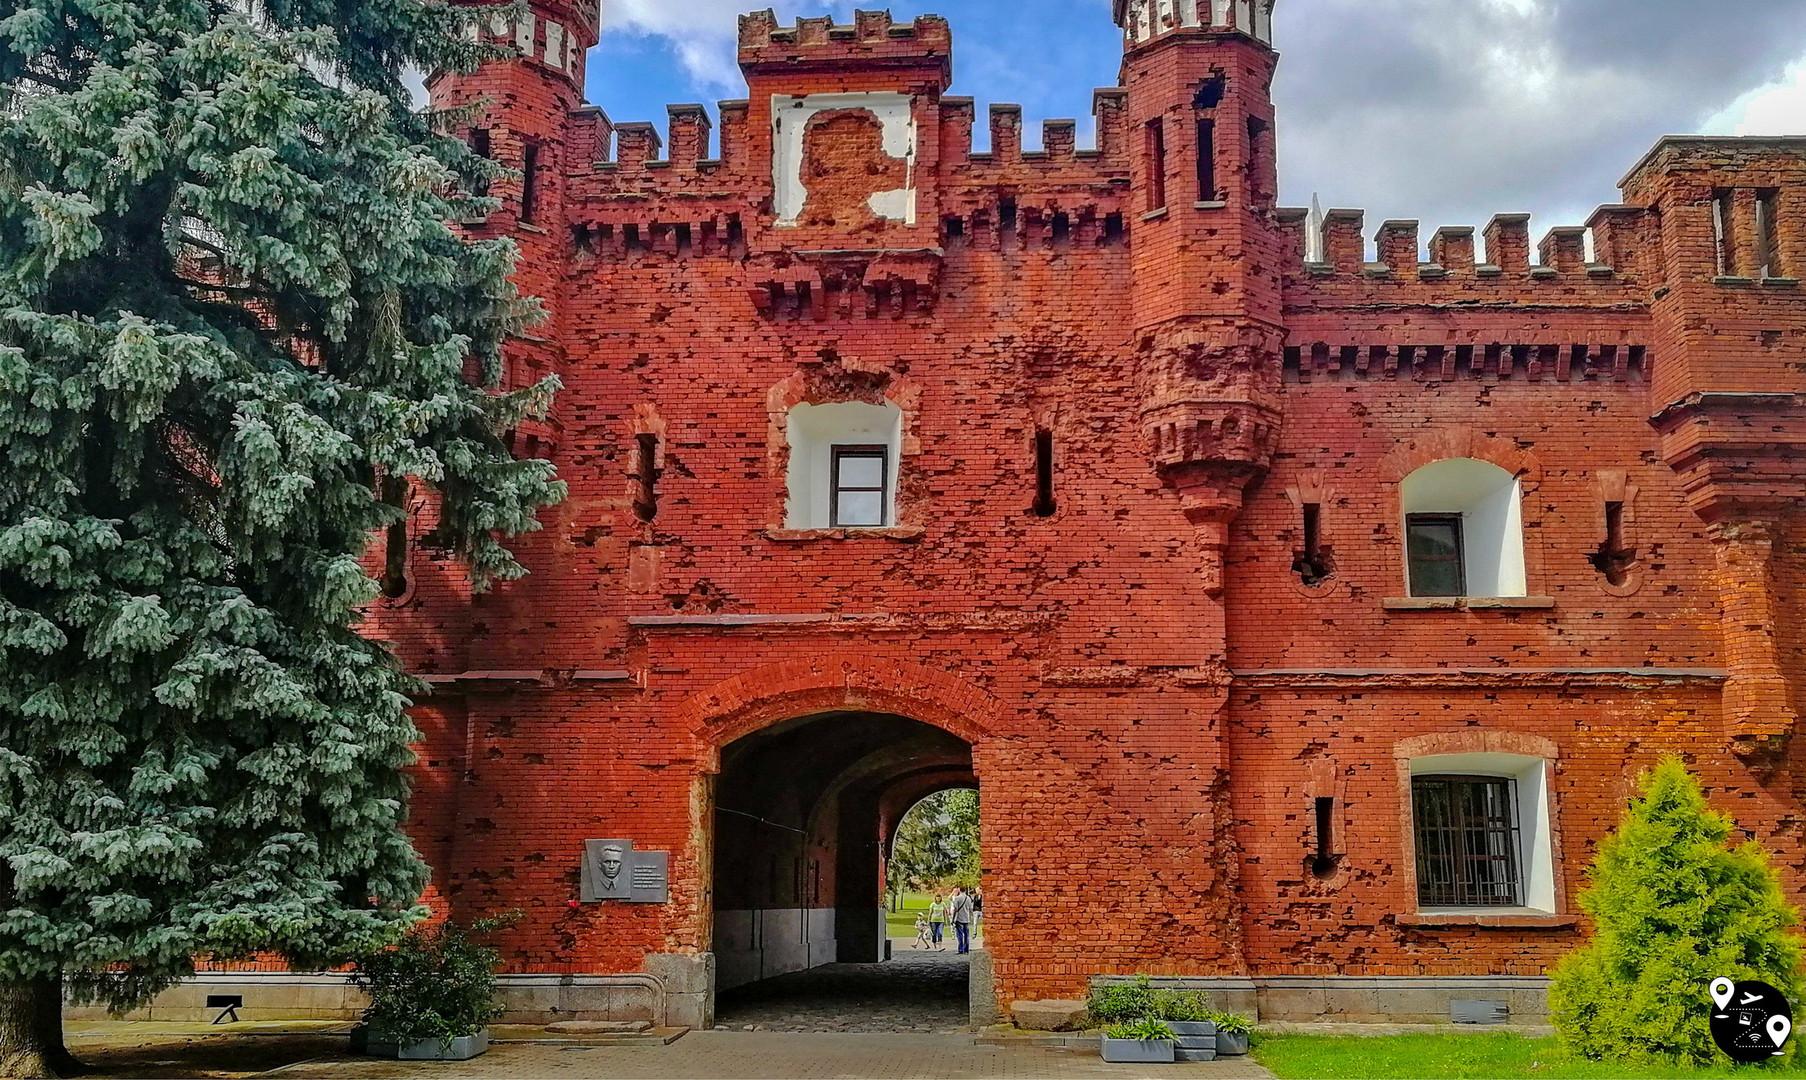 Брестская крепость, Брест